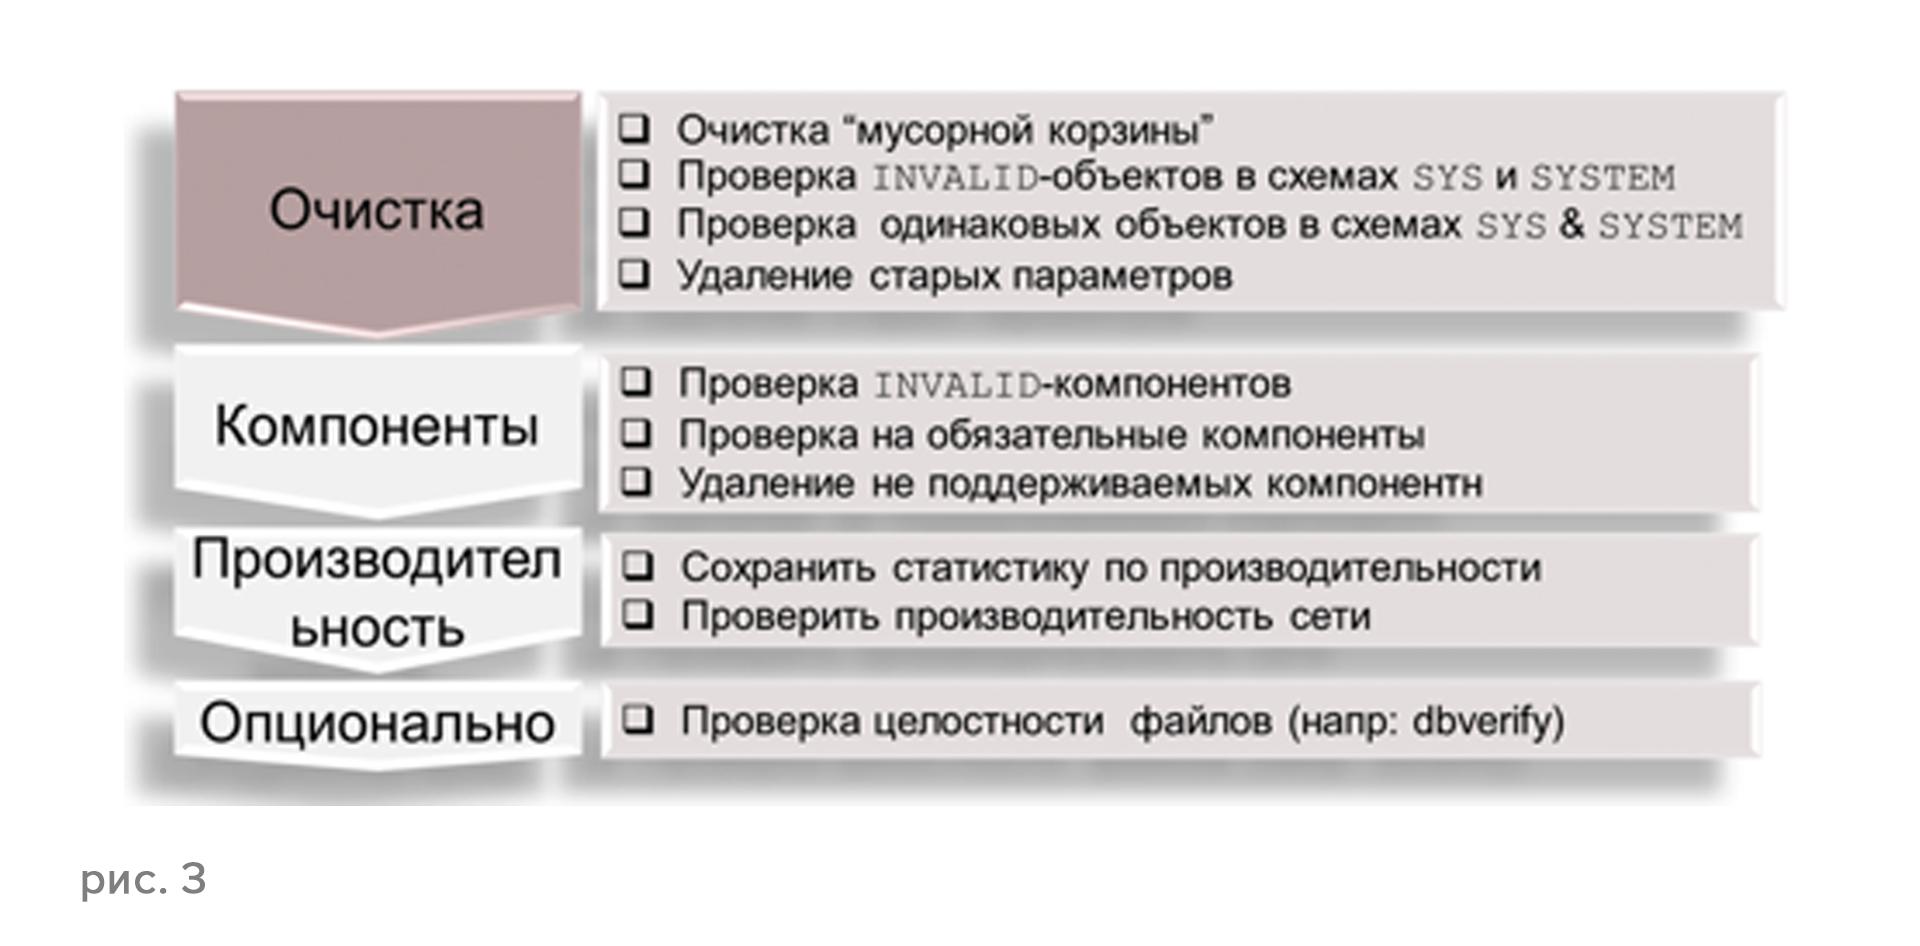 схема адаптер удаленного обновления по штатам